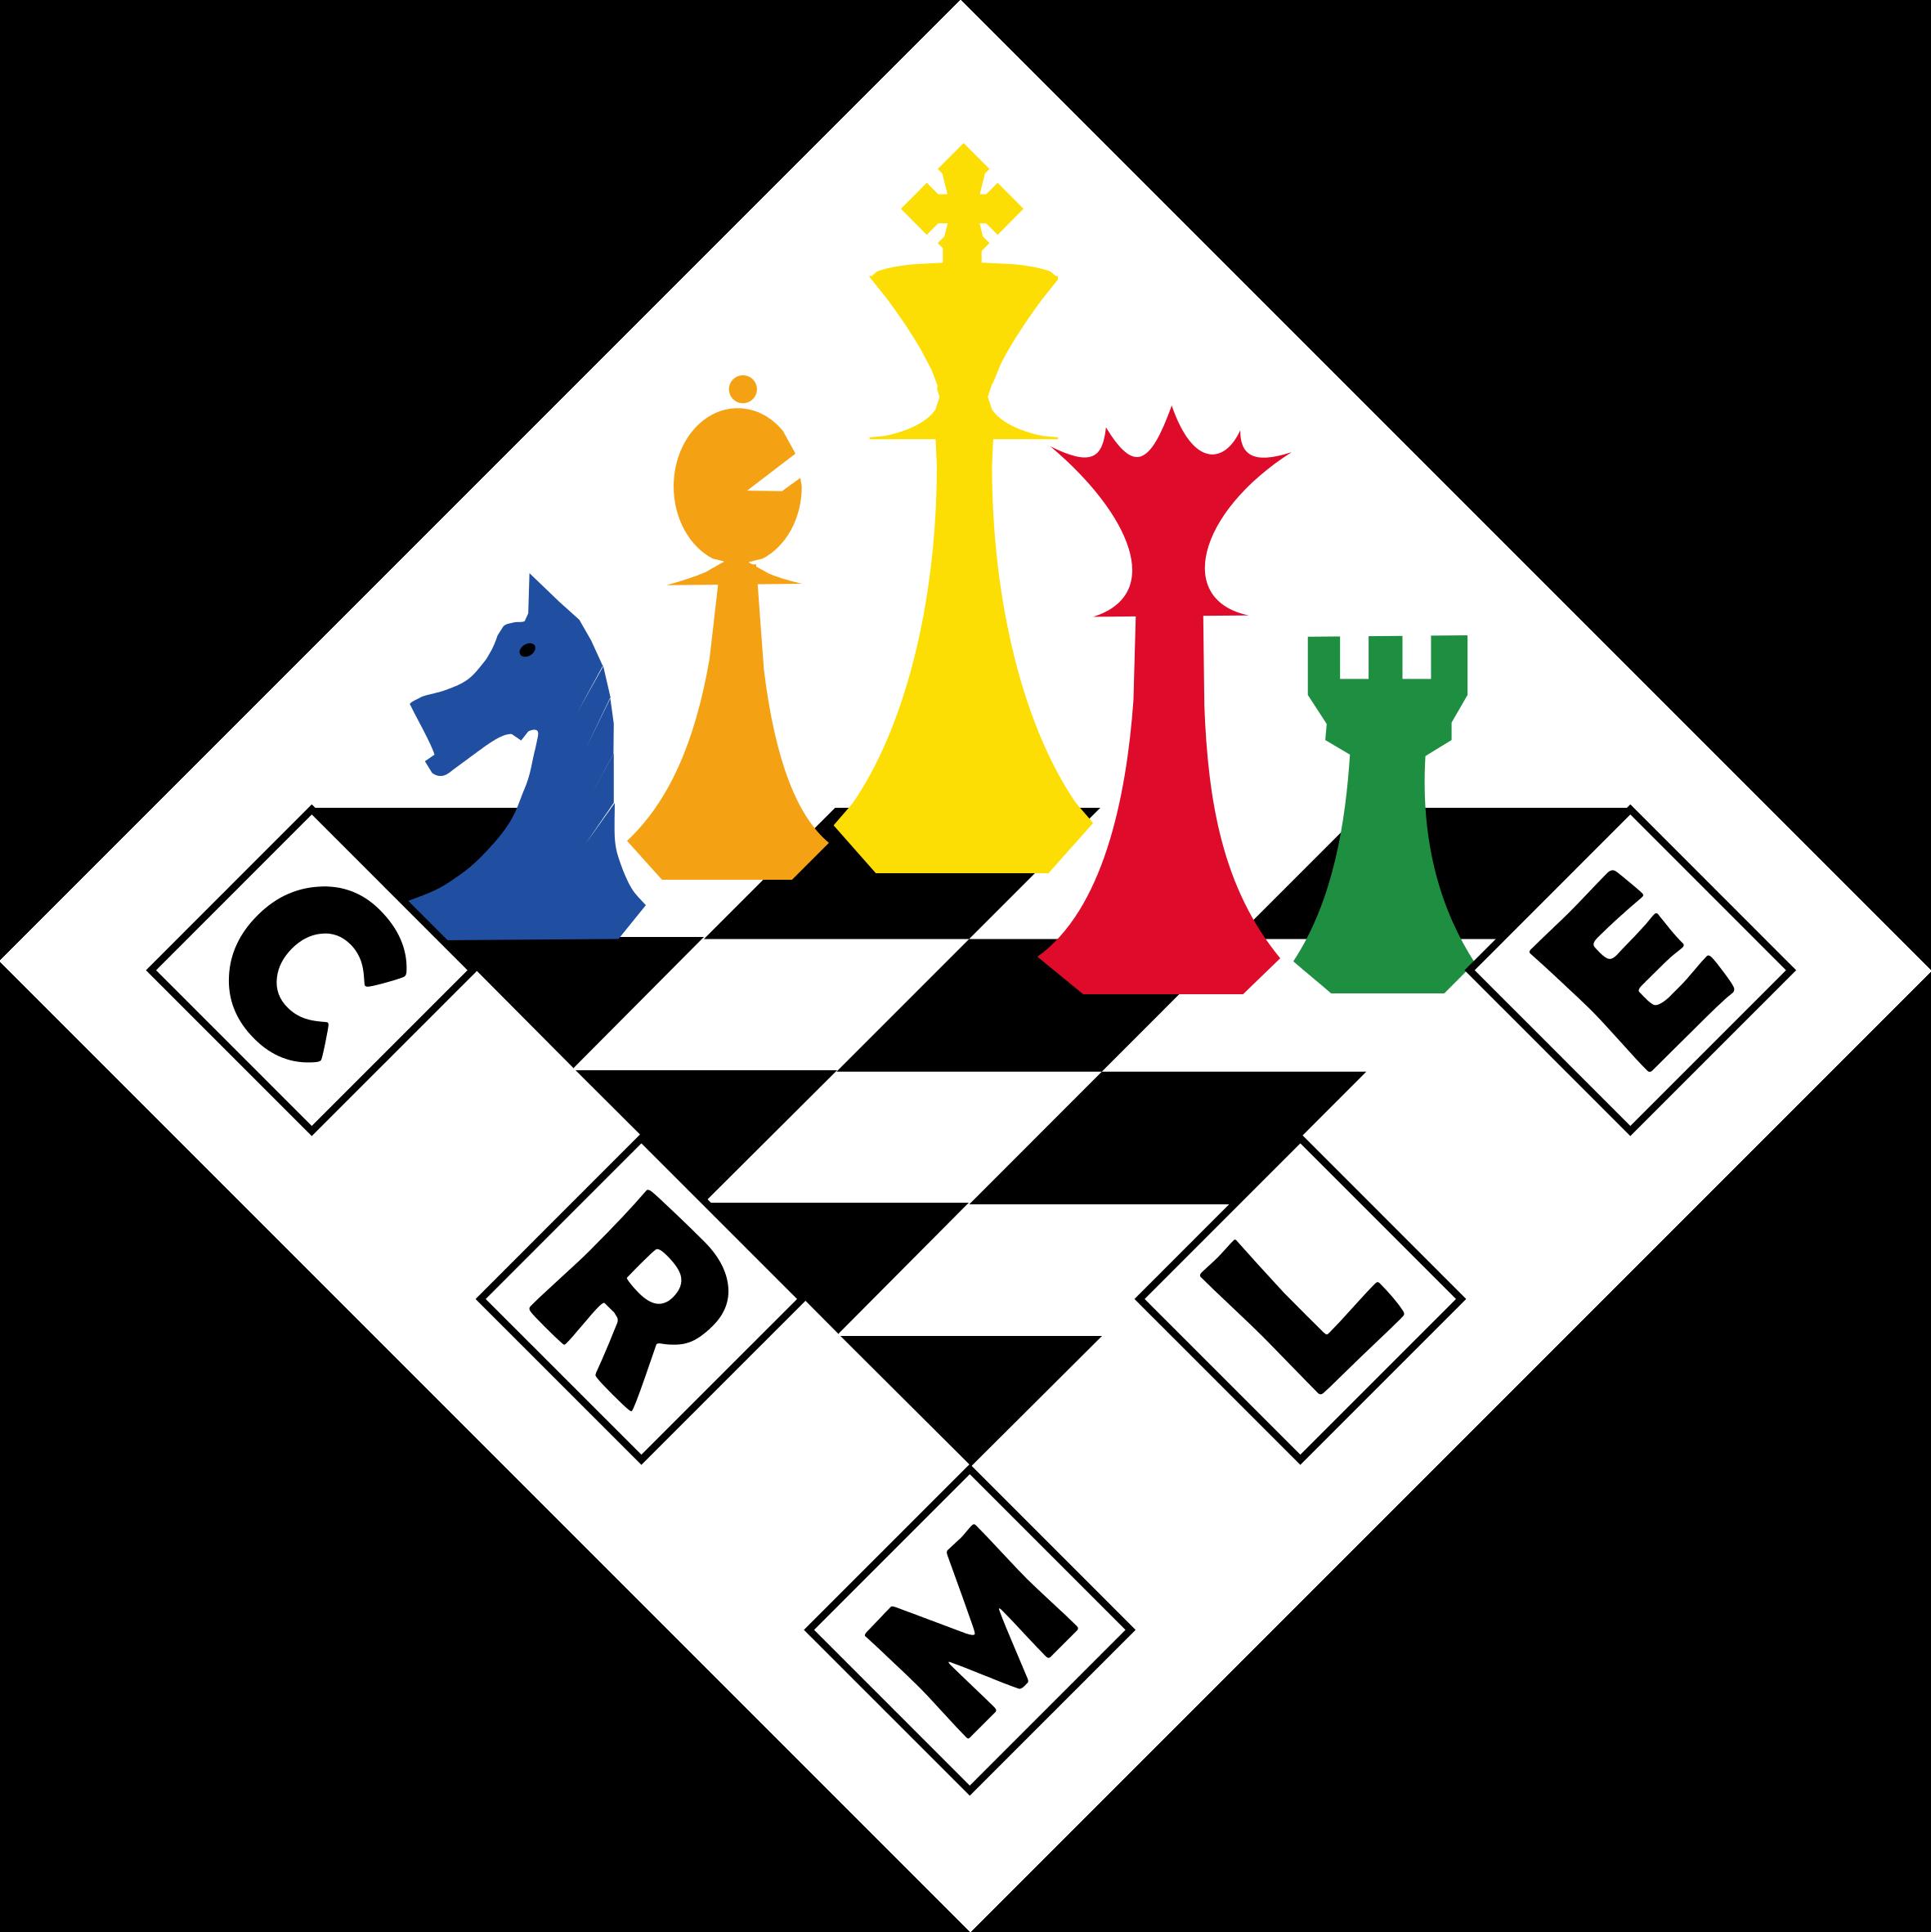 C.R.M.L.E.